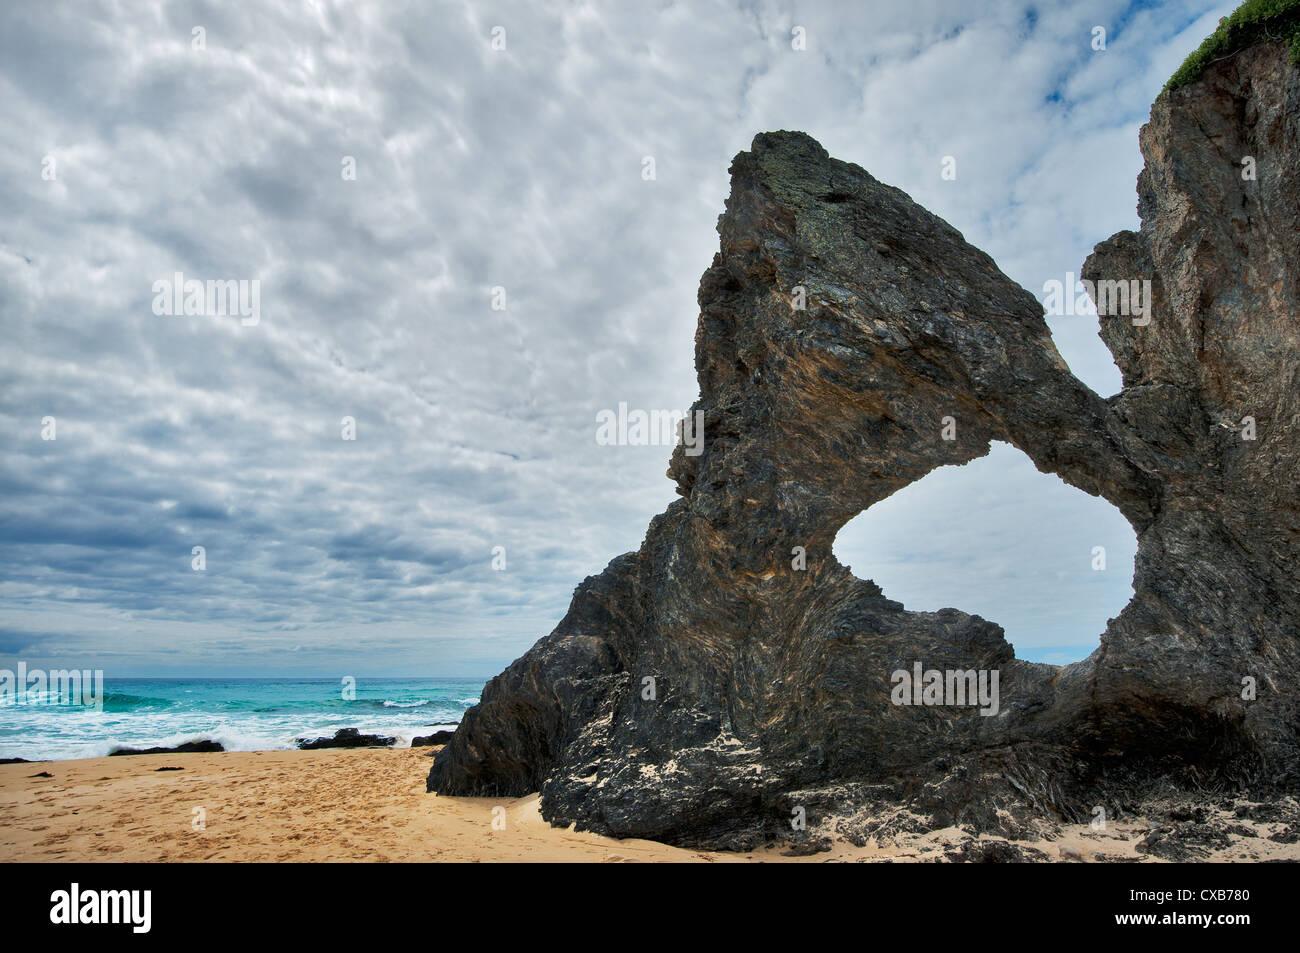 Australia Rock presso la spiaggia di Narooma. Immagini Stock